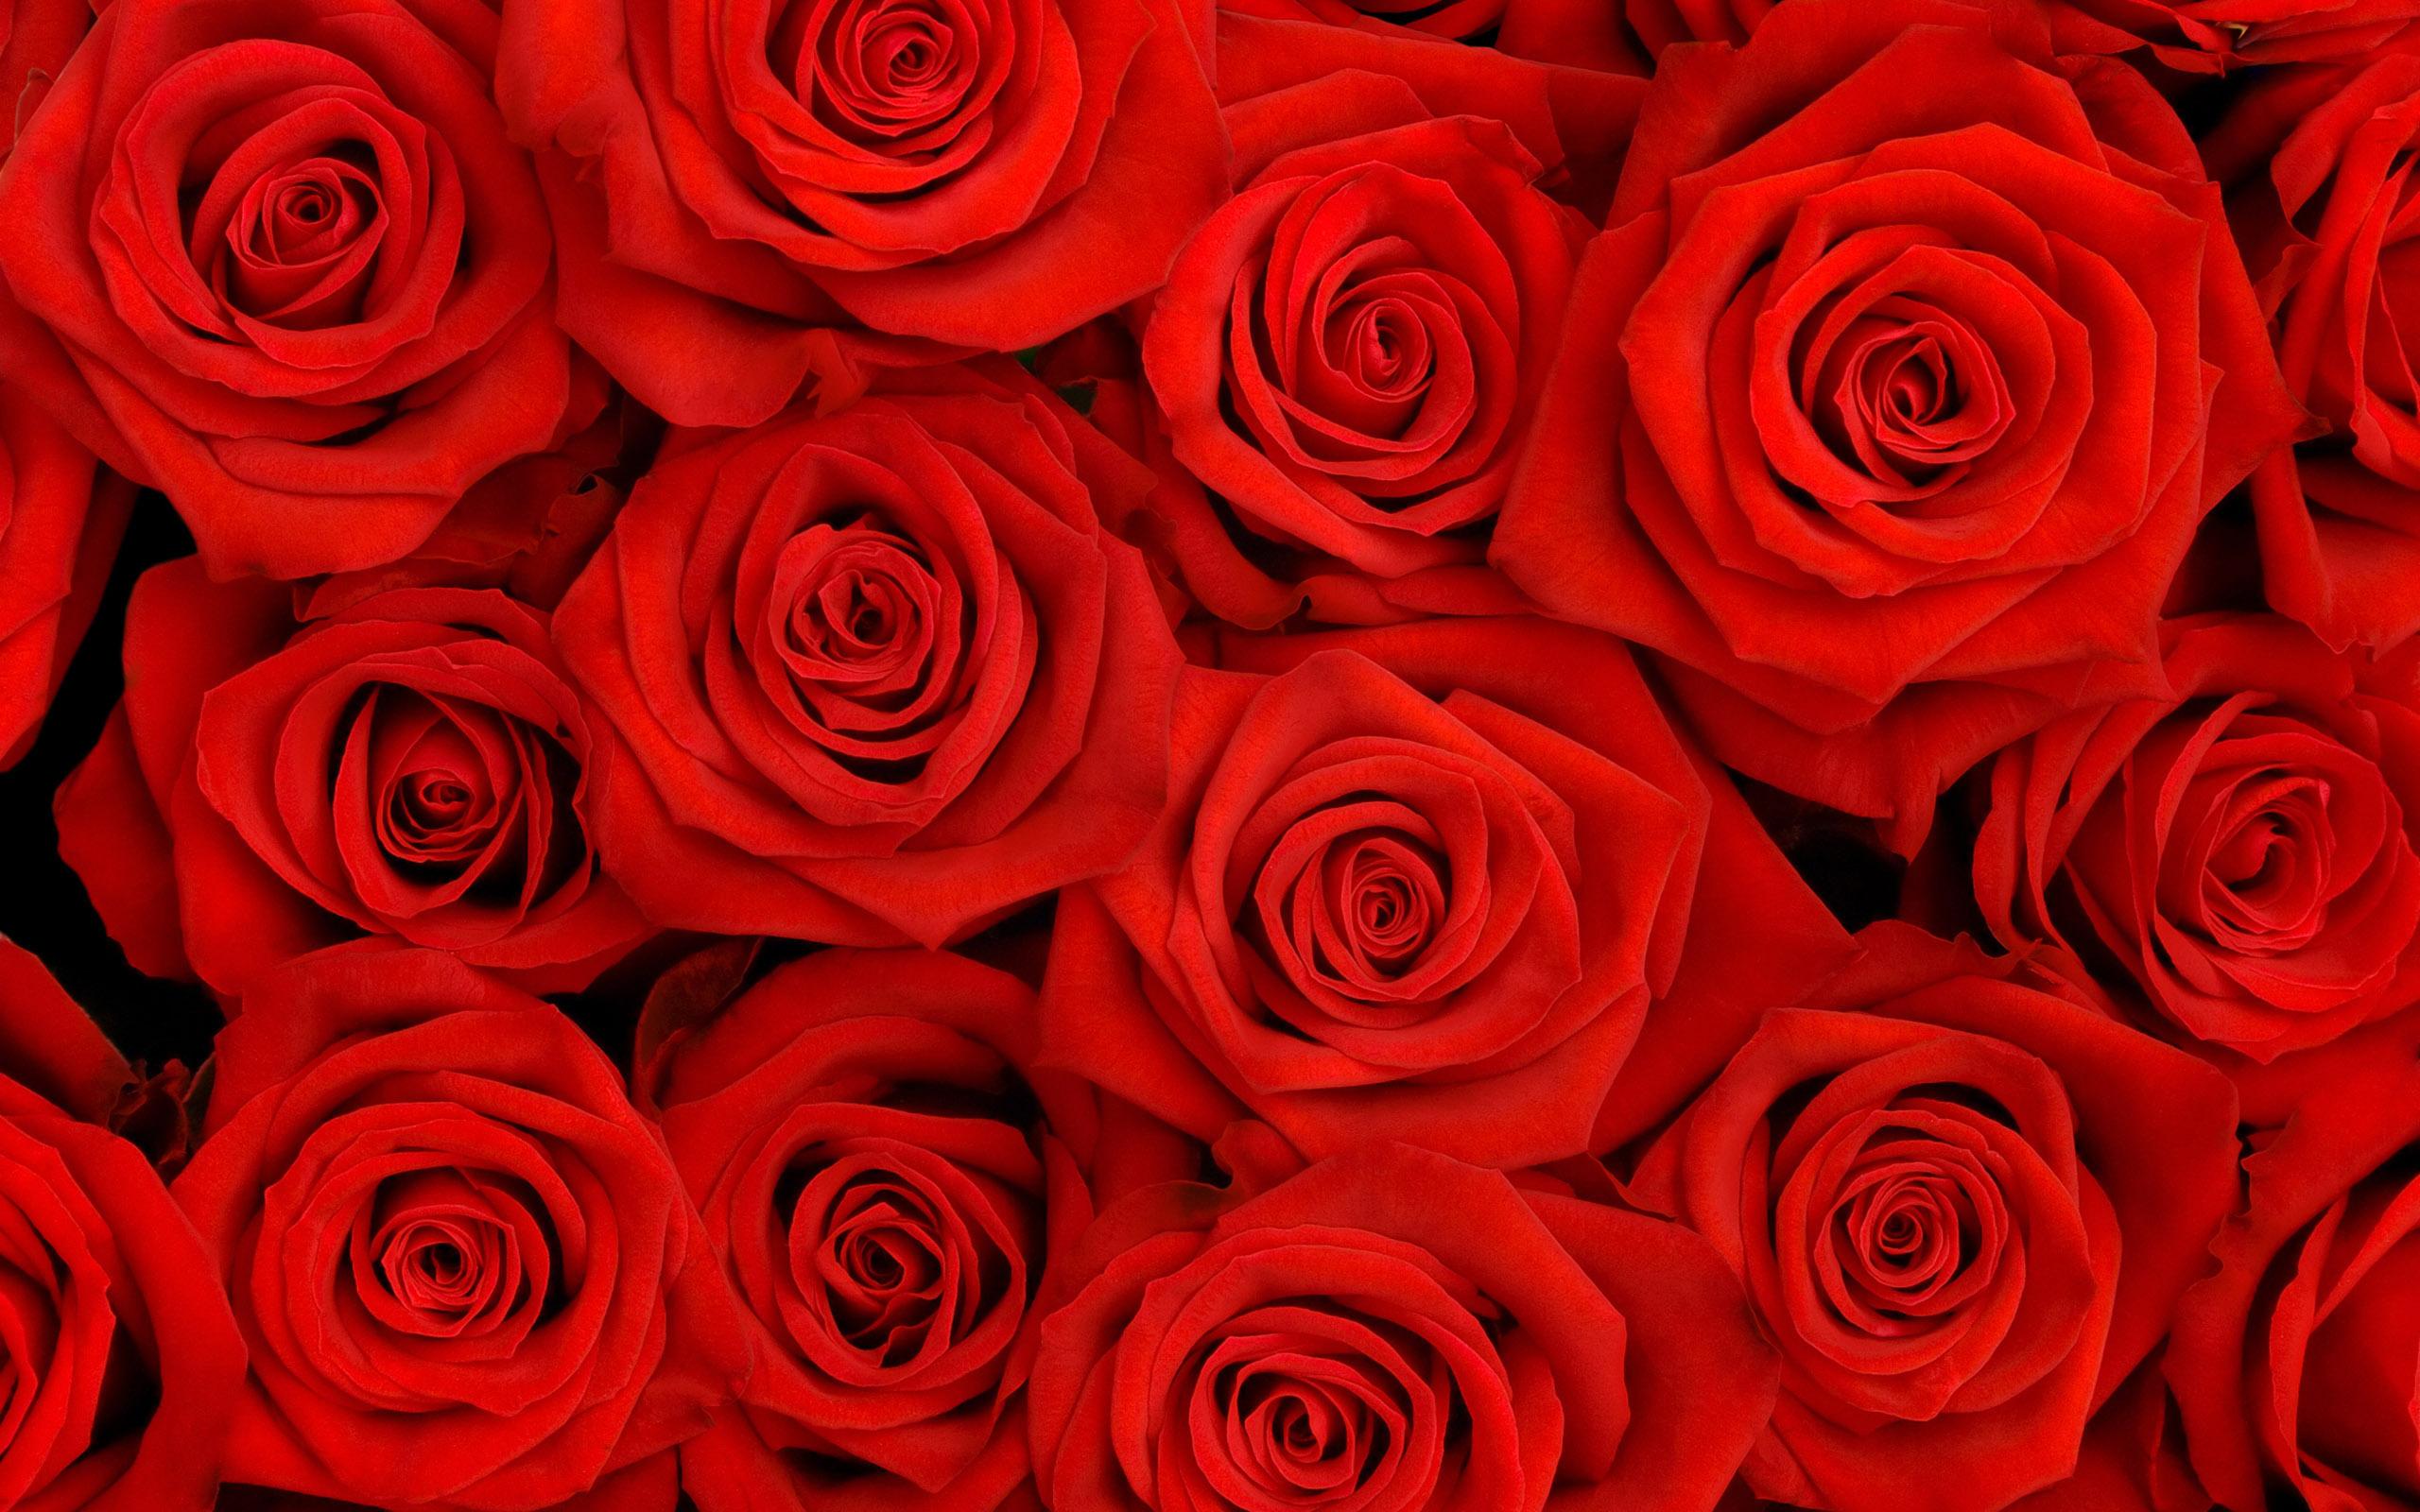 red rose background desktop hd desktop wallpapers Black Background 2560x1600